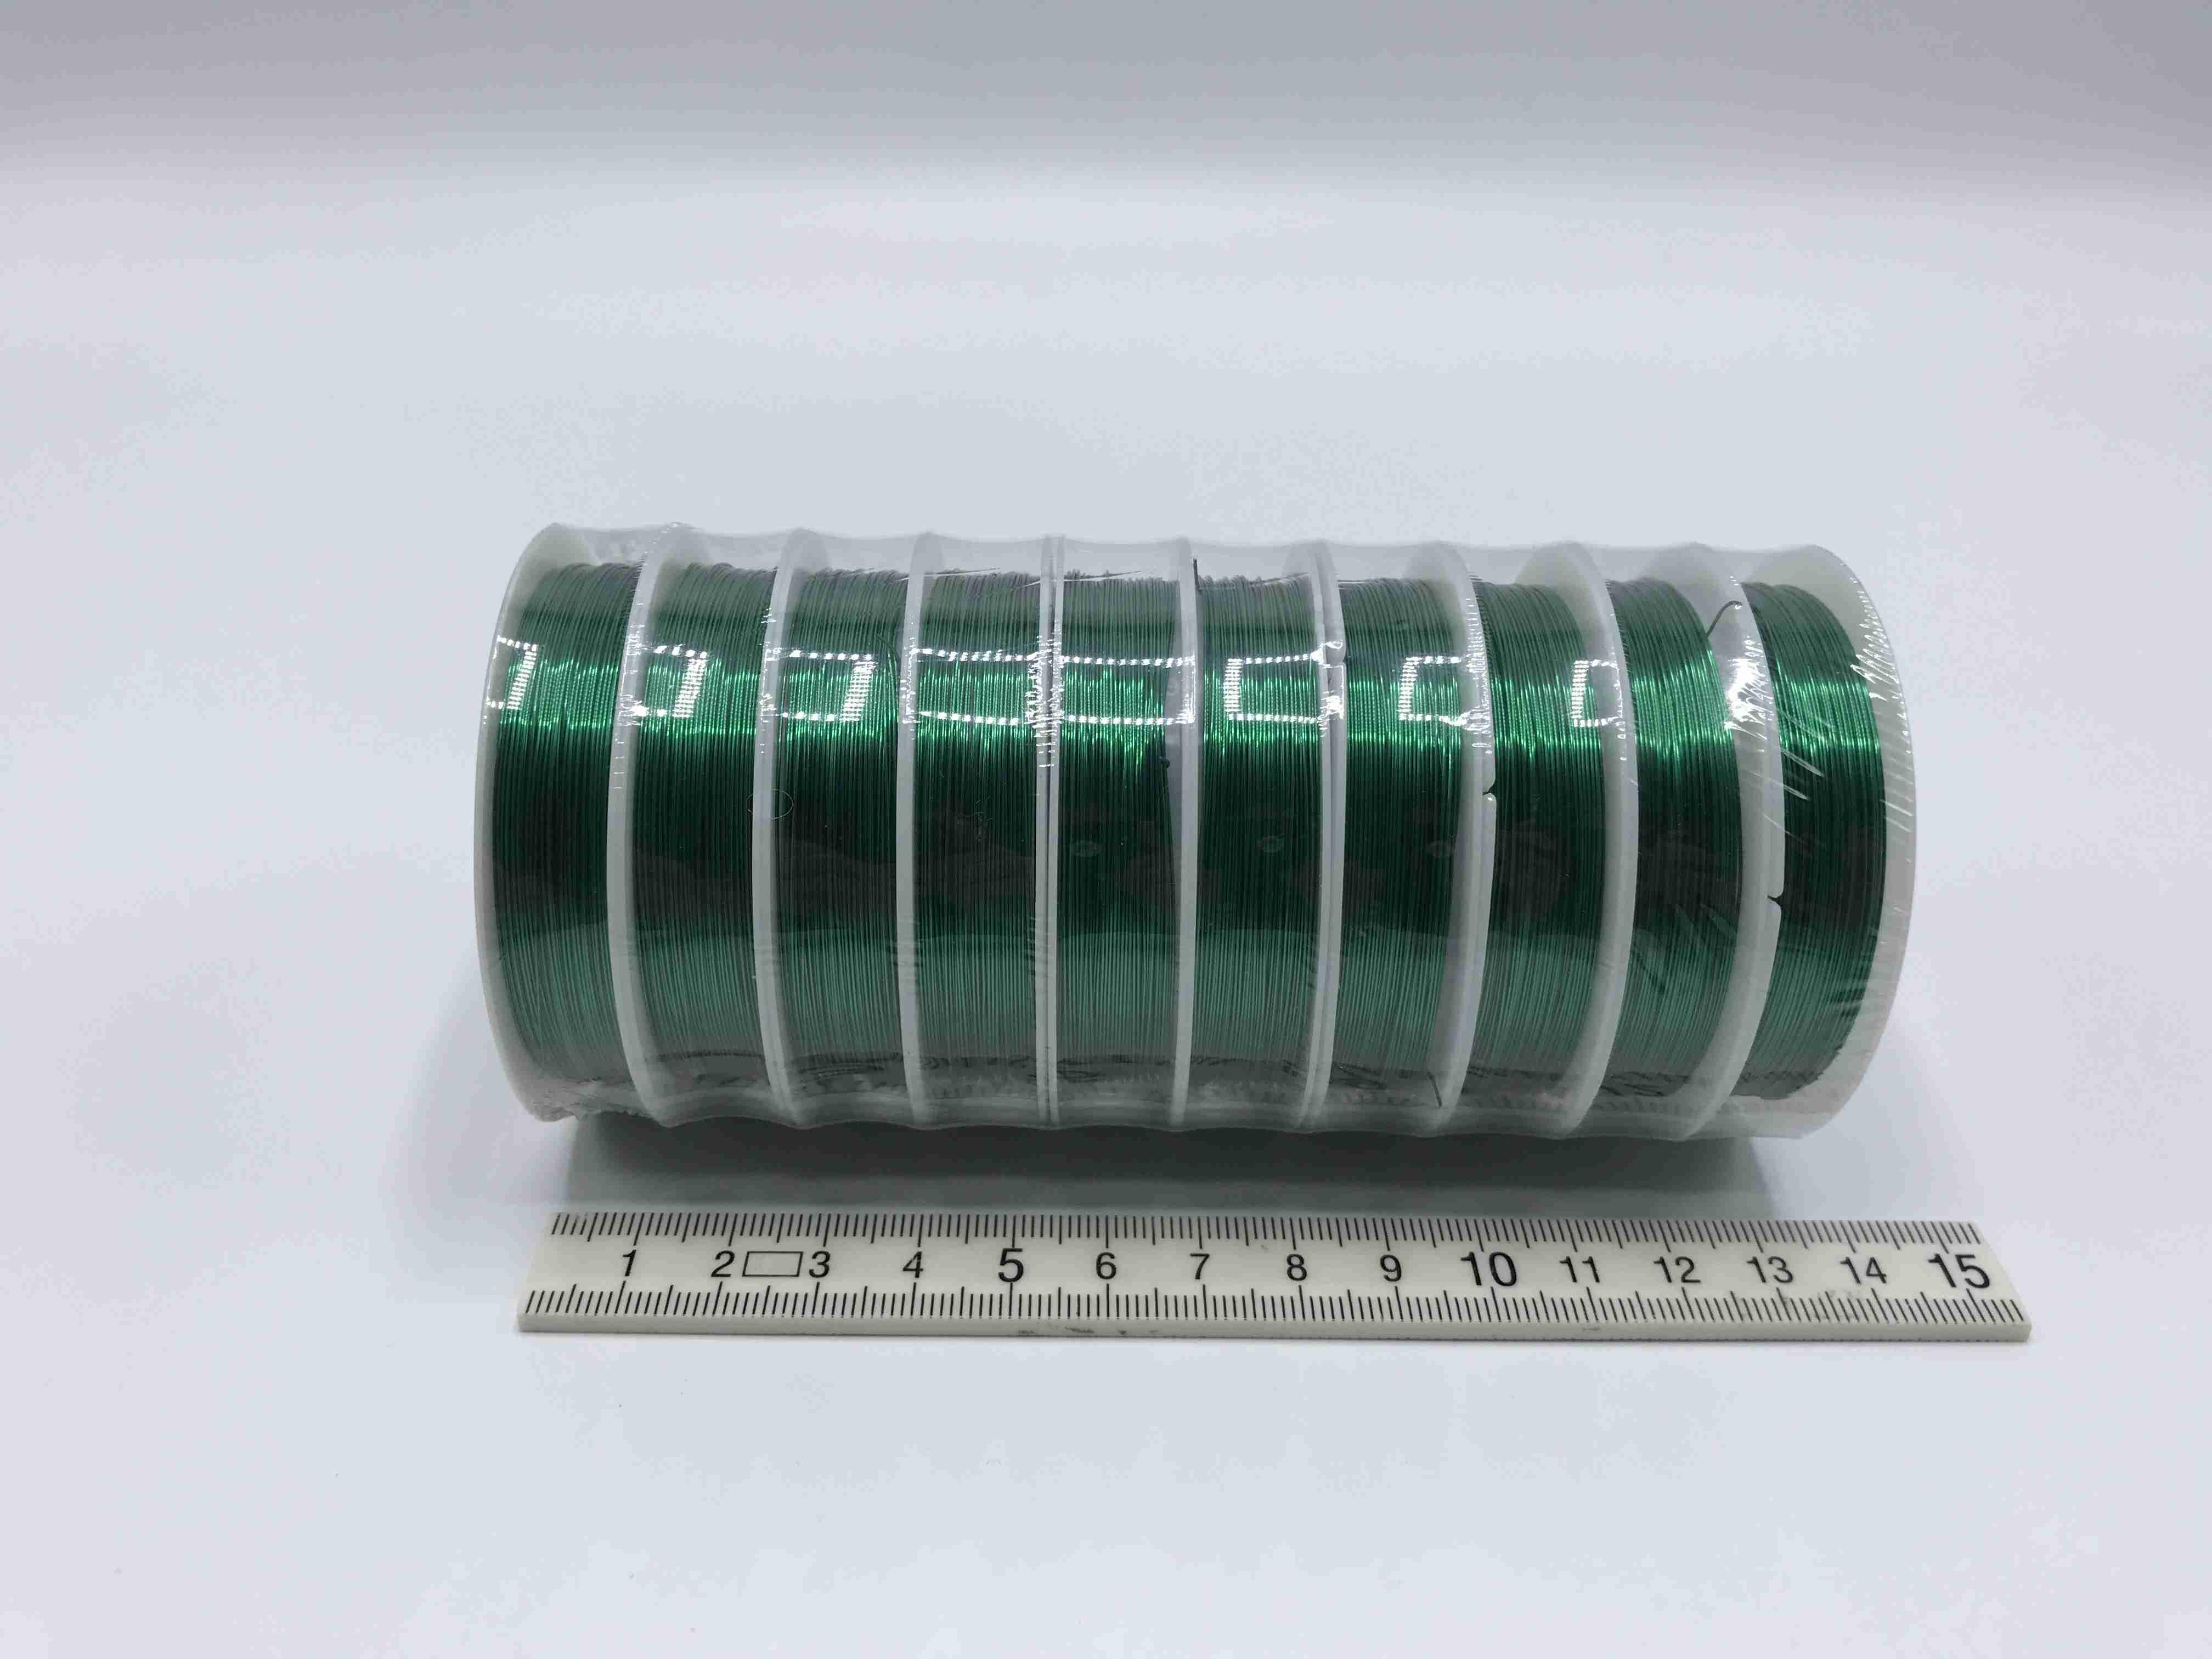 Drátek - zelený - 0,4 mm x 10 m - 10 ks